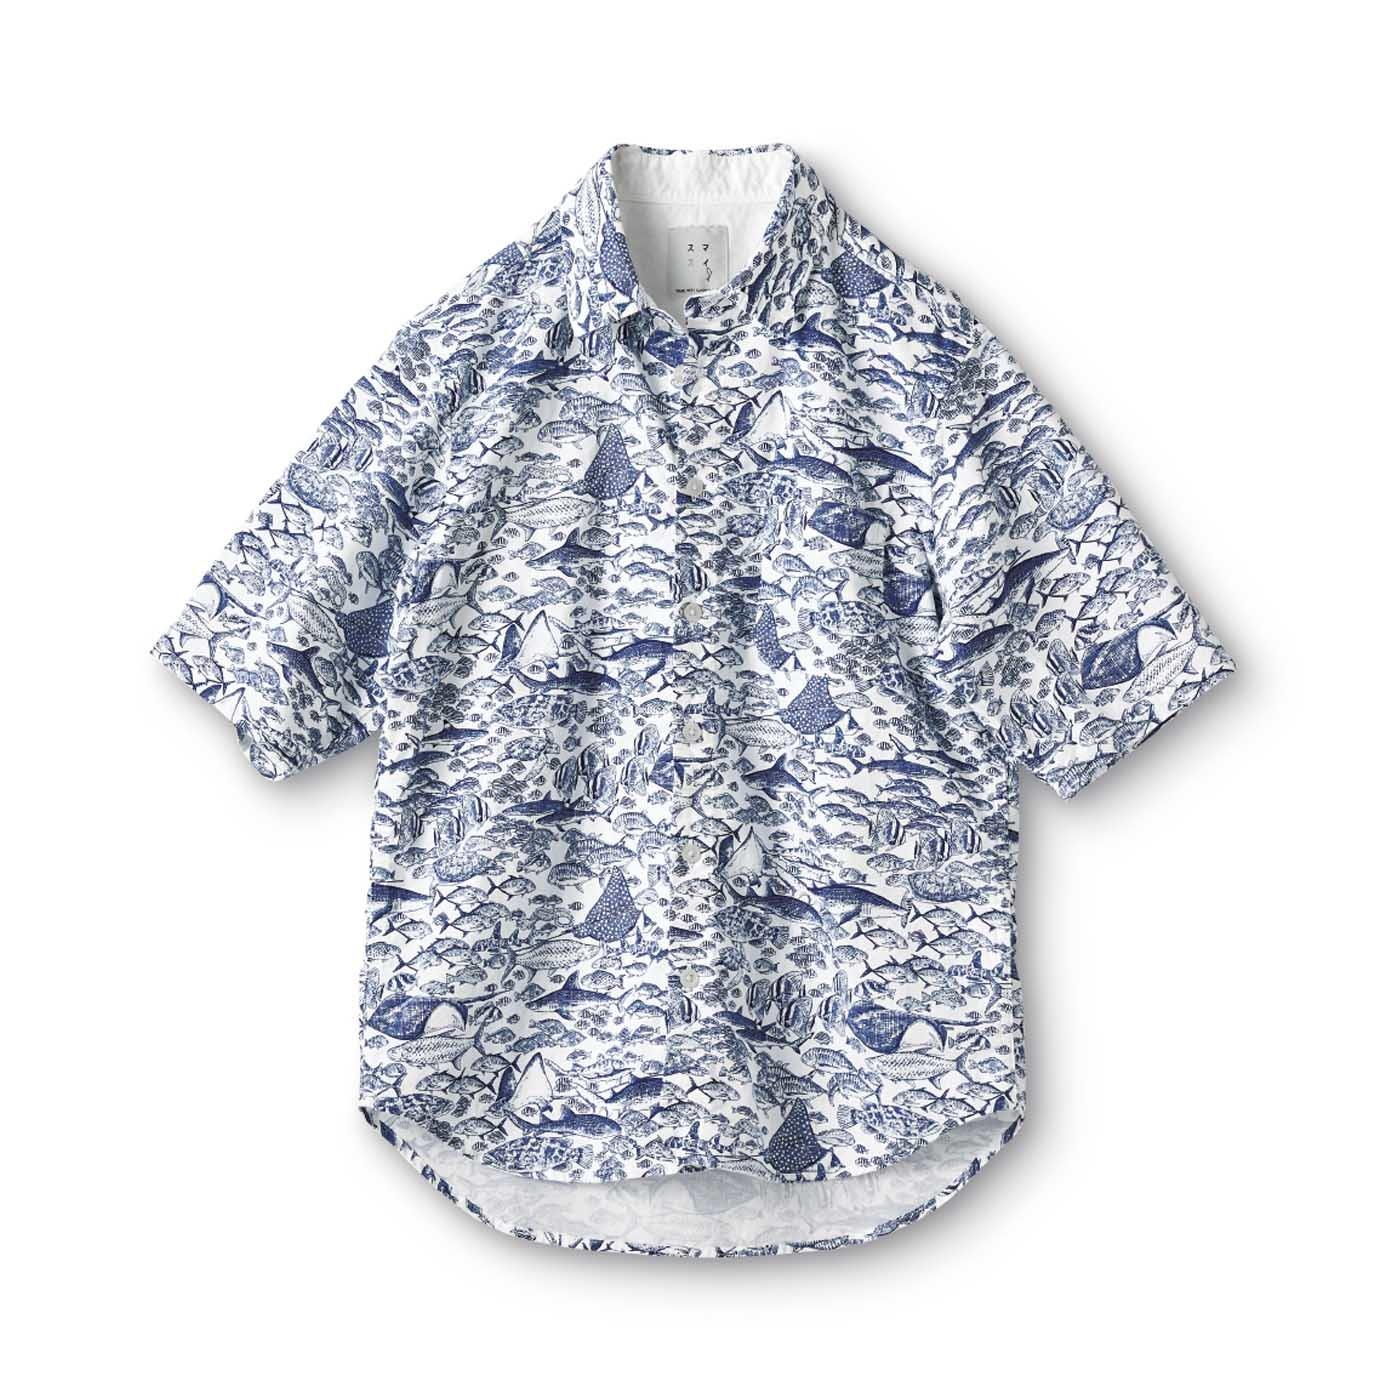 サニークラウズ feat. 須磨海浜水族園 大水槽の仲間たちシャツ〈メンズ〉